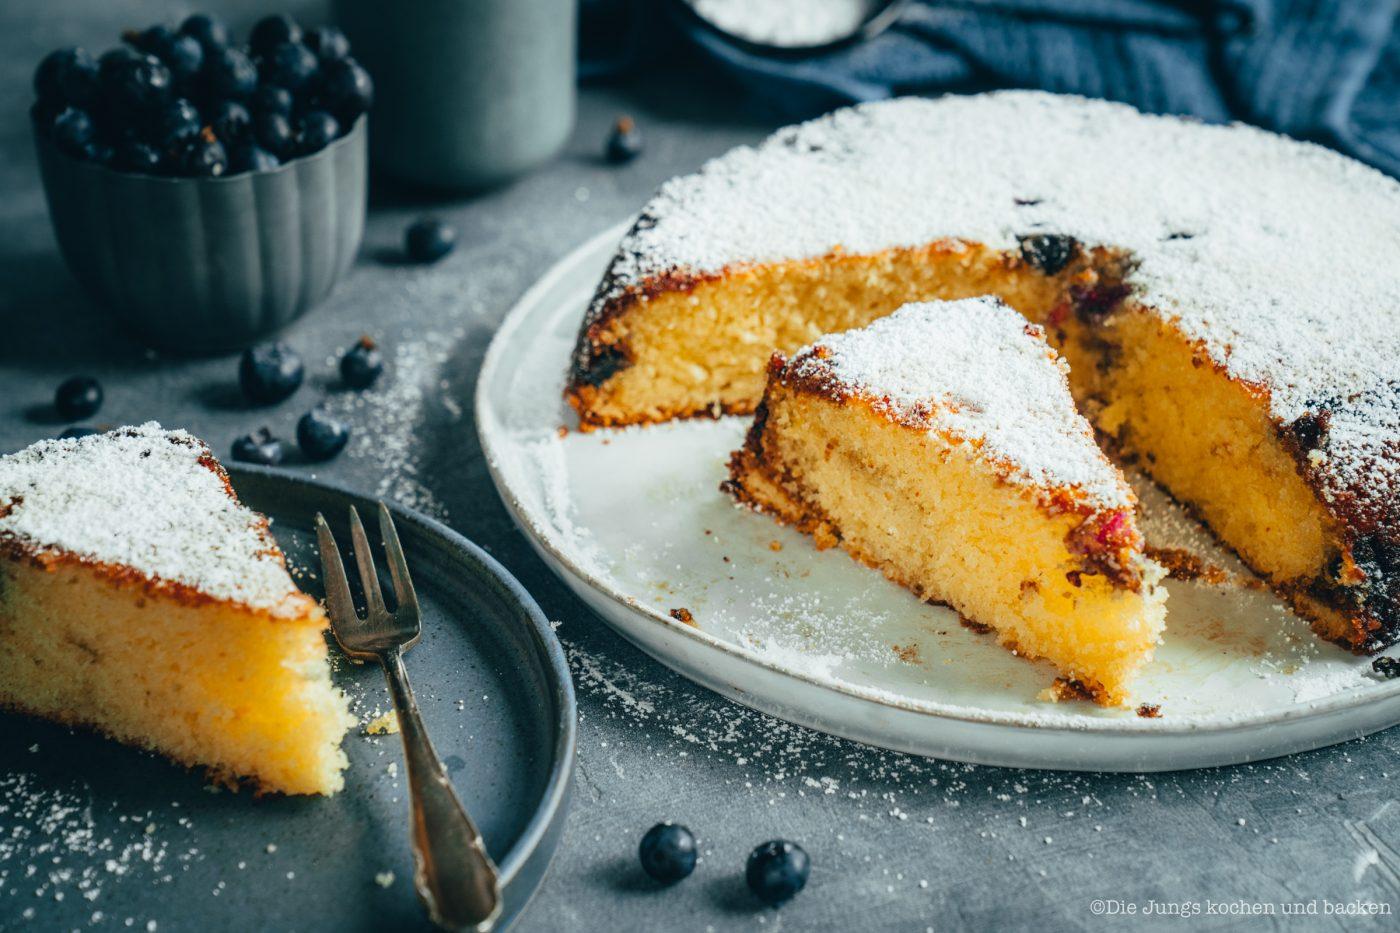 Rezept für einen saftigen Blaubeerkuchen. Einfetten, bemehlen & Co sind Geschichte - dieser Kuchen kommt direkt aus der Pfanne. #rezepte #einfacherezepte #rezeptefürjedentag #foodblogger #schnellerezepte